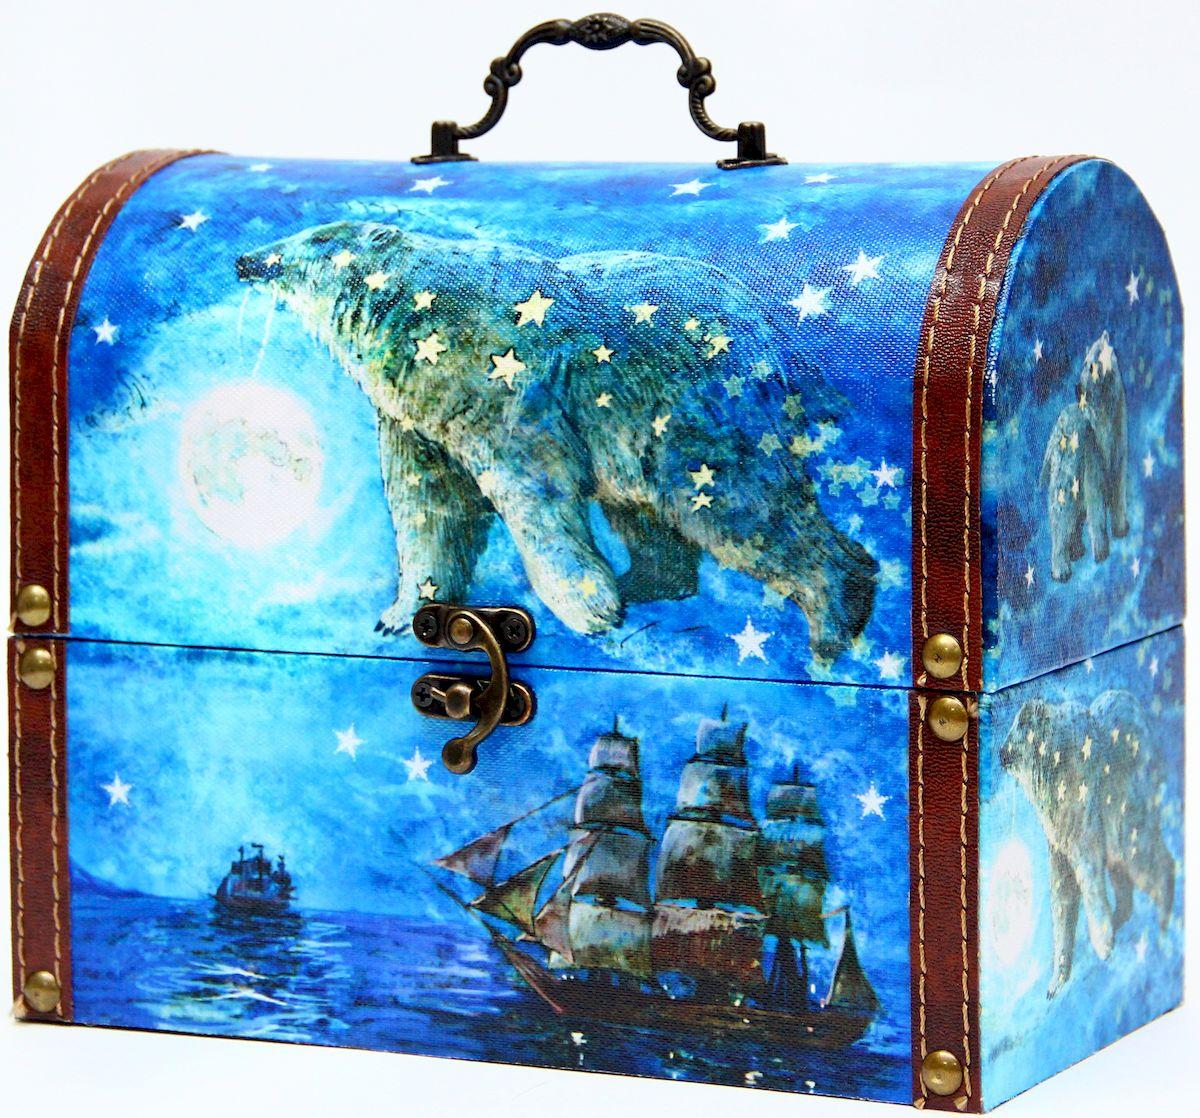 Шкатулка декоративная Magic Home Большая медведица, цвет: синий, 22 х 11 х 17,5 см42745Декоративная шкатулка Magic Home Большая медведица, выполненная из МДФ, оформлена ярким цветным изображением. Изделие закрывается на металлический замок и оснащено оригинальной ручкой под старину для переноски.Такая шкатулка может использоваться для хранения бижутерии, предметов рукоделия, в качестве украшения интерьера, а также послужит хорошим подарком для человека, ценящего практичные и оригинальные вещицы.